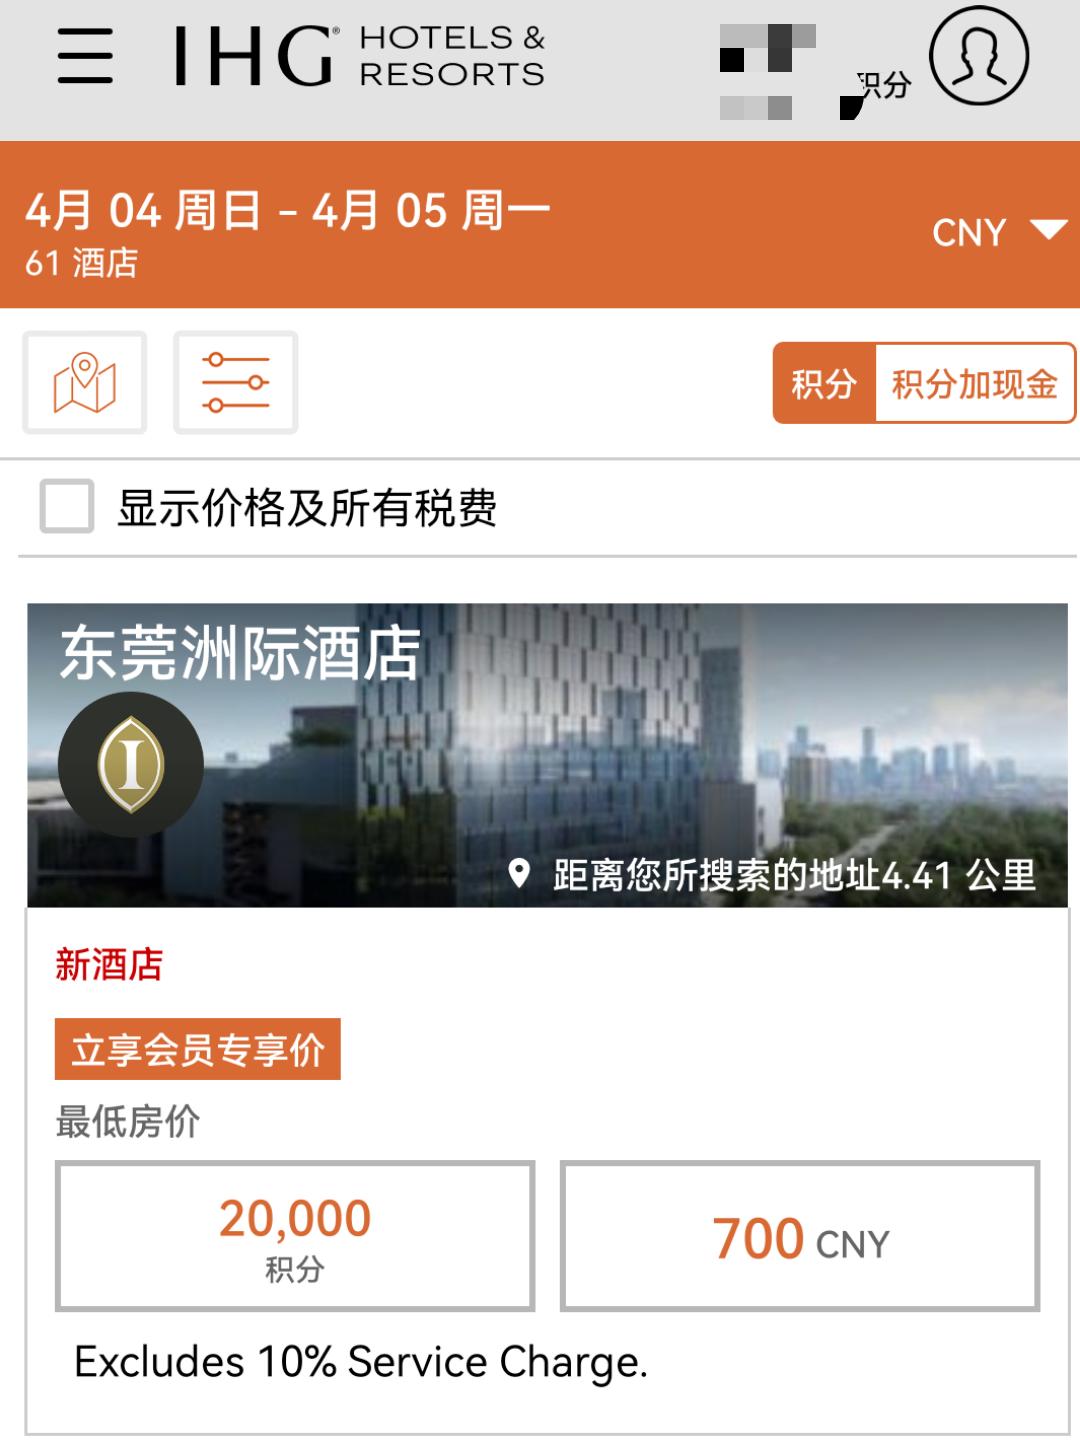 清明团聚游东莞,积分换房住洲际——20000分&¥200的东莞洲际行政体验